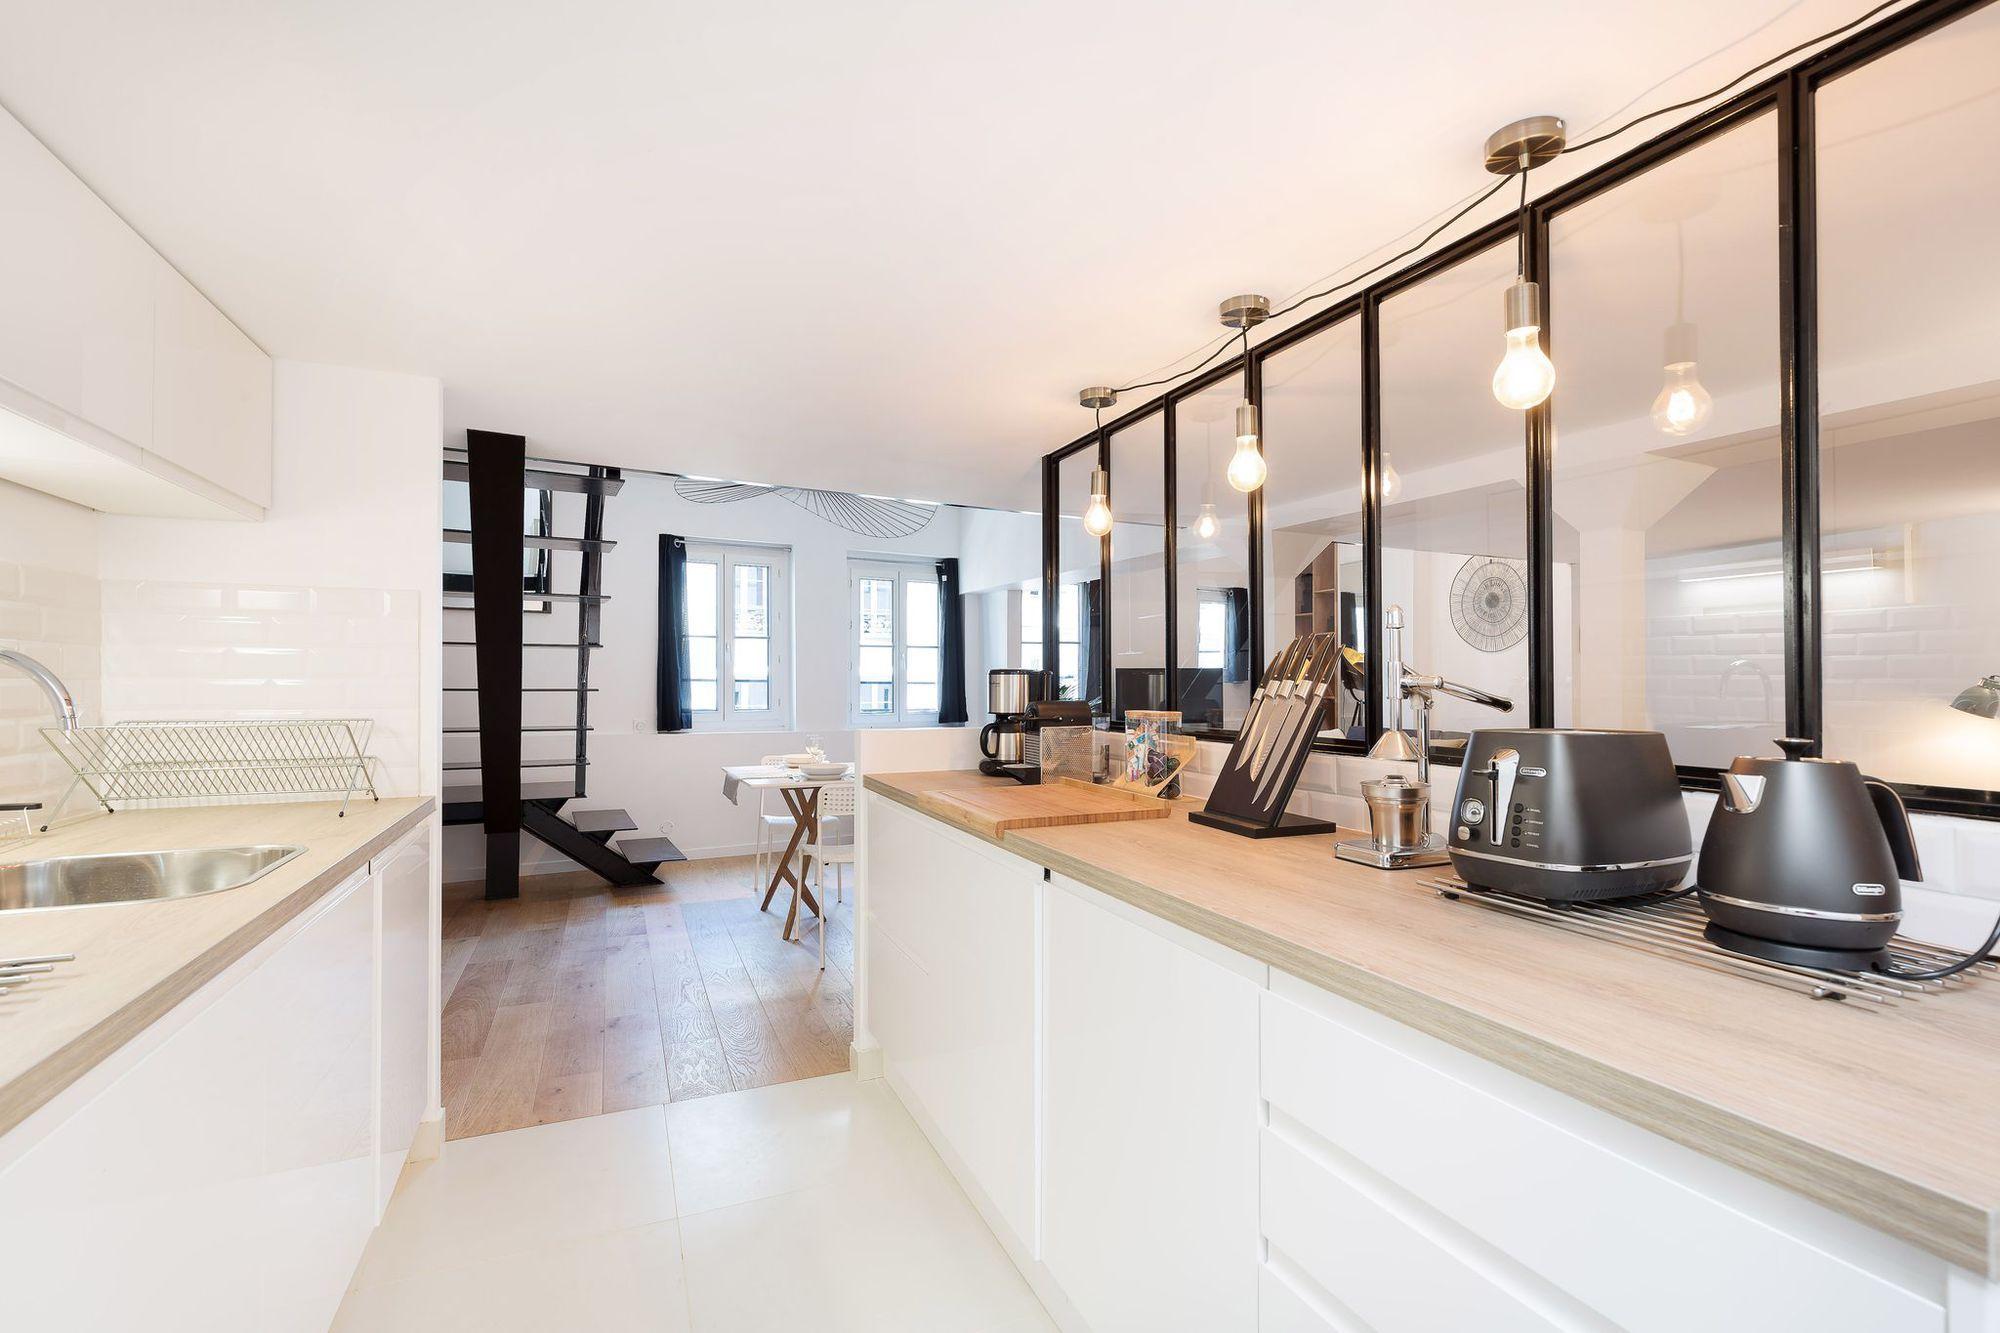 Appartement paris 6 68 m2 ouverts esprit loft atelier - Plan de maison avec cuisine ouverte ...